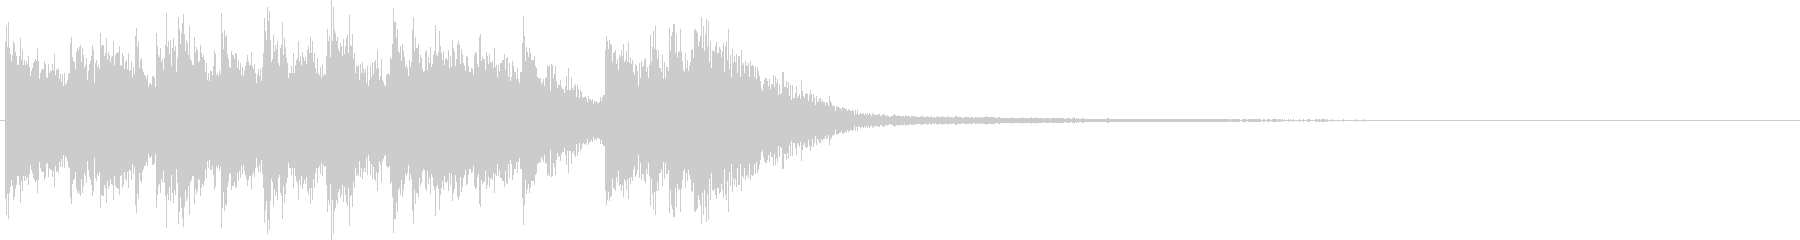 ピコピコ電子音ジングルの未再生の波形